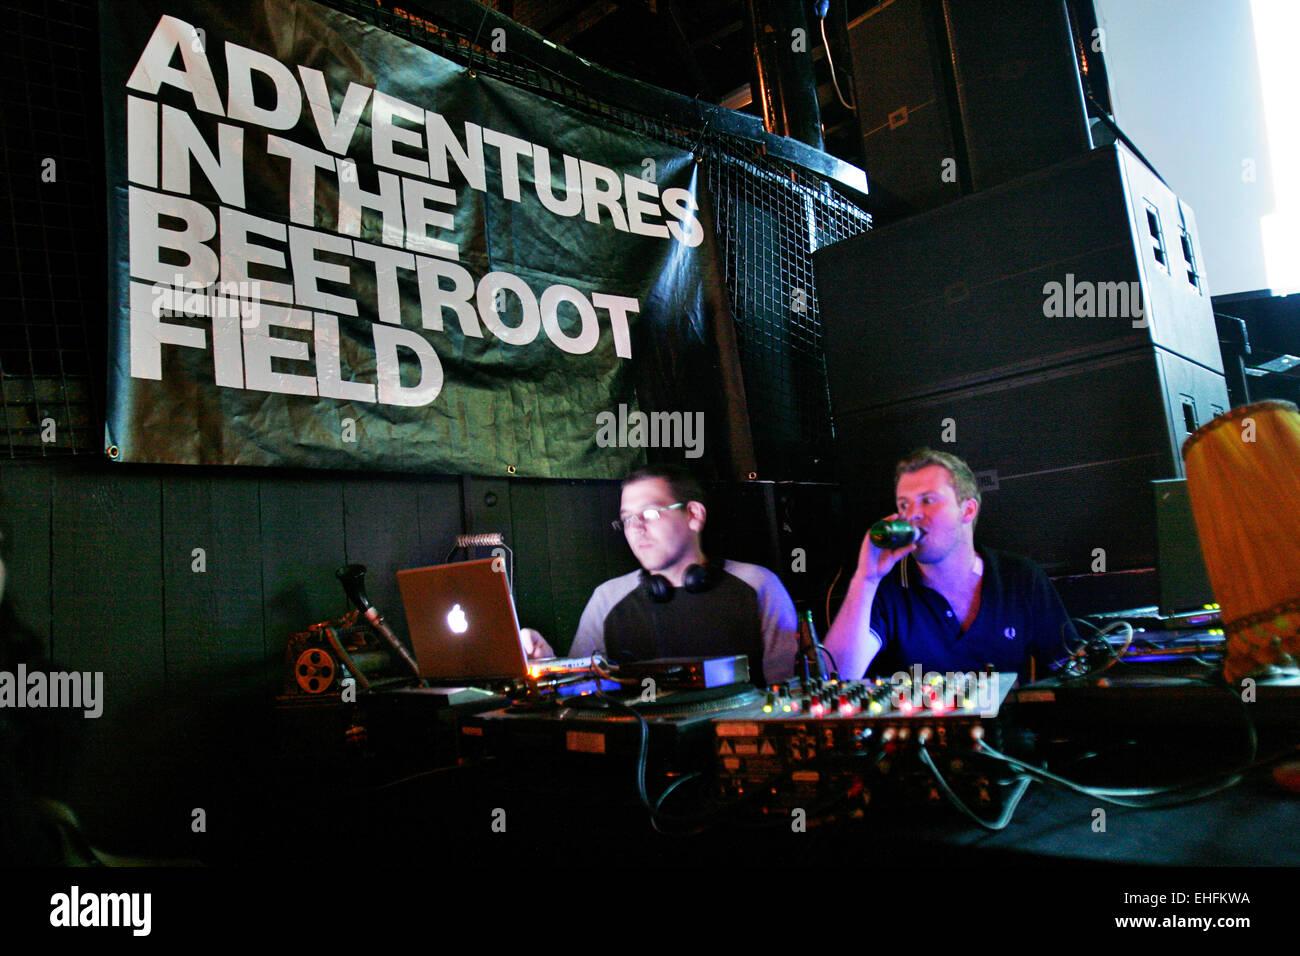 Warp DJs at Adventures in the Beetroot Field at Kokos in Camden. - Stock Image